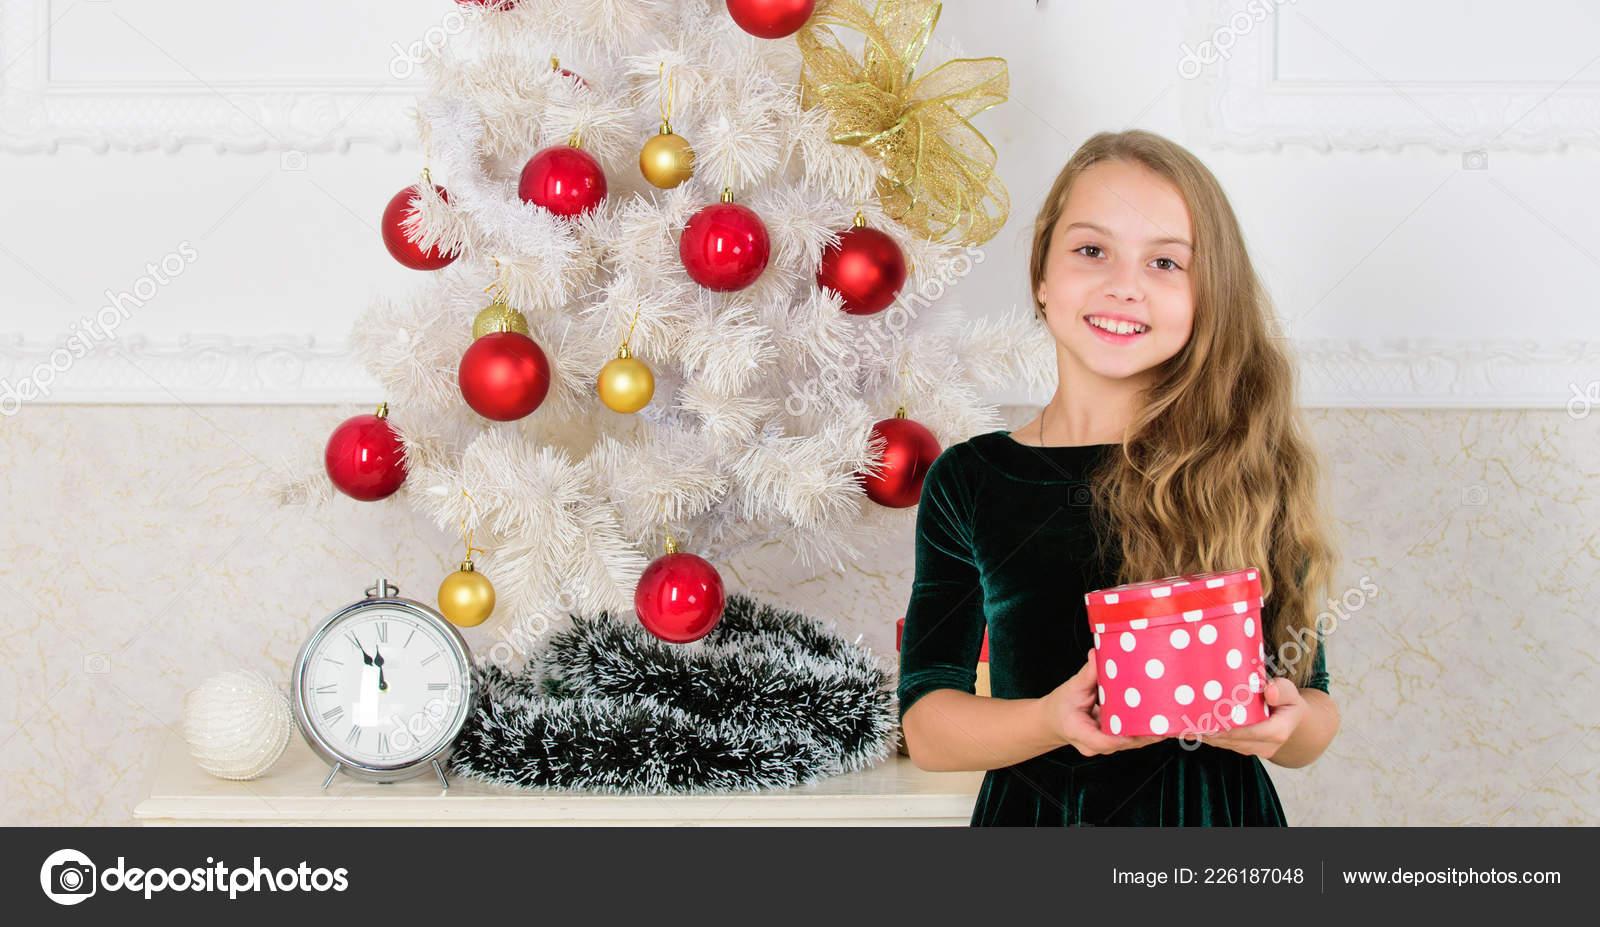 Τα όνειρα γίνονται πραγματικότητα. Το καλύτερο για τα παιδιά μας. Παιδί  Γιορτάστε τα Χριστούγεννα στο σπίτι. Αγαπημένο ημέρα του έτους. ab07ef85c1a